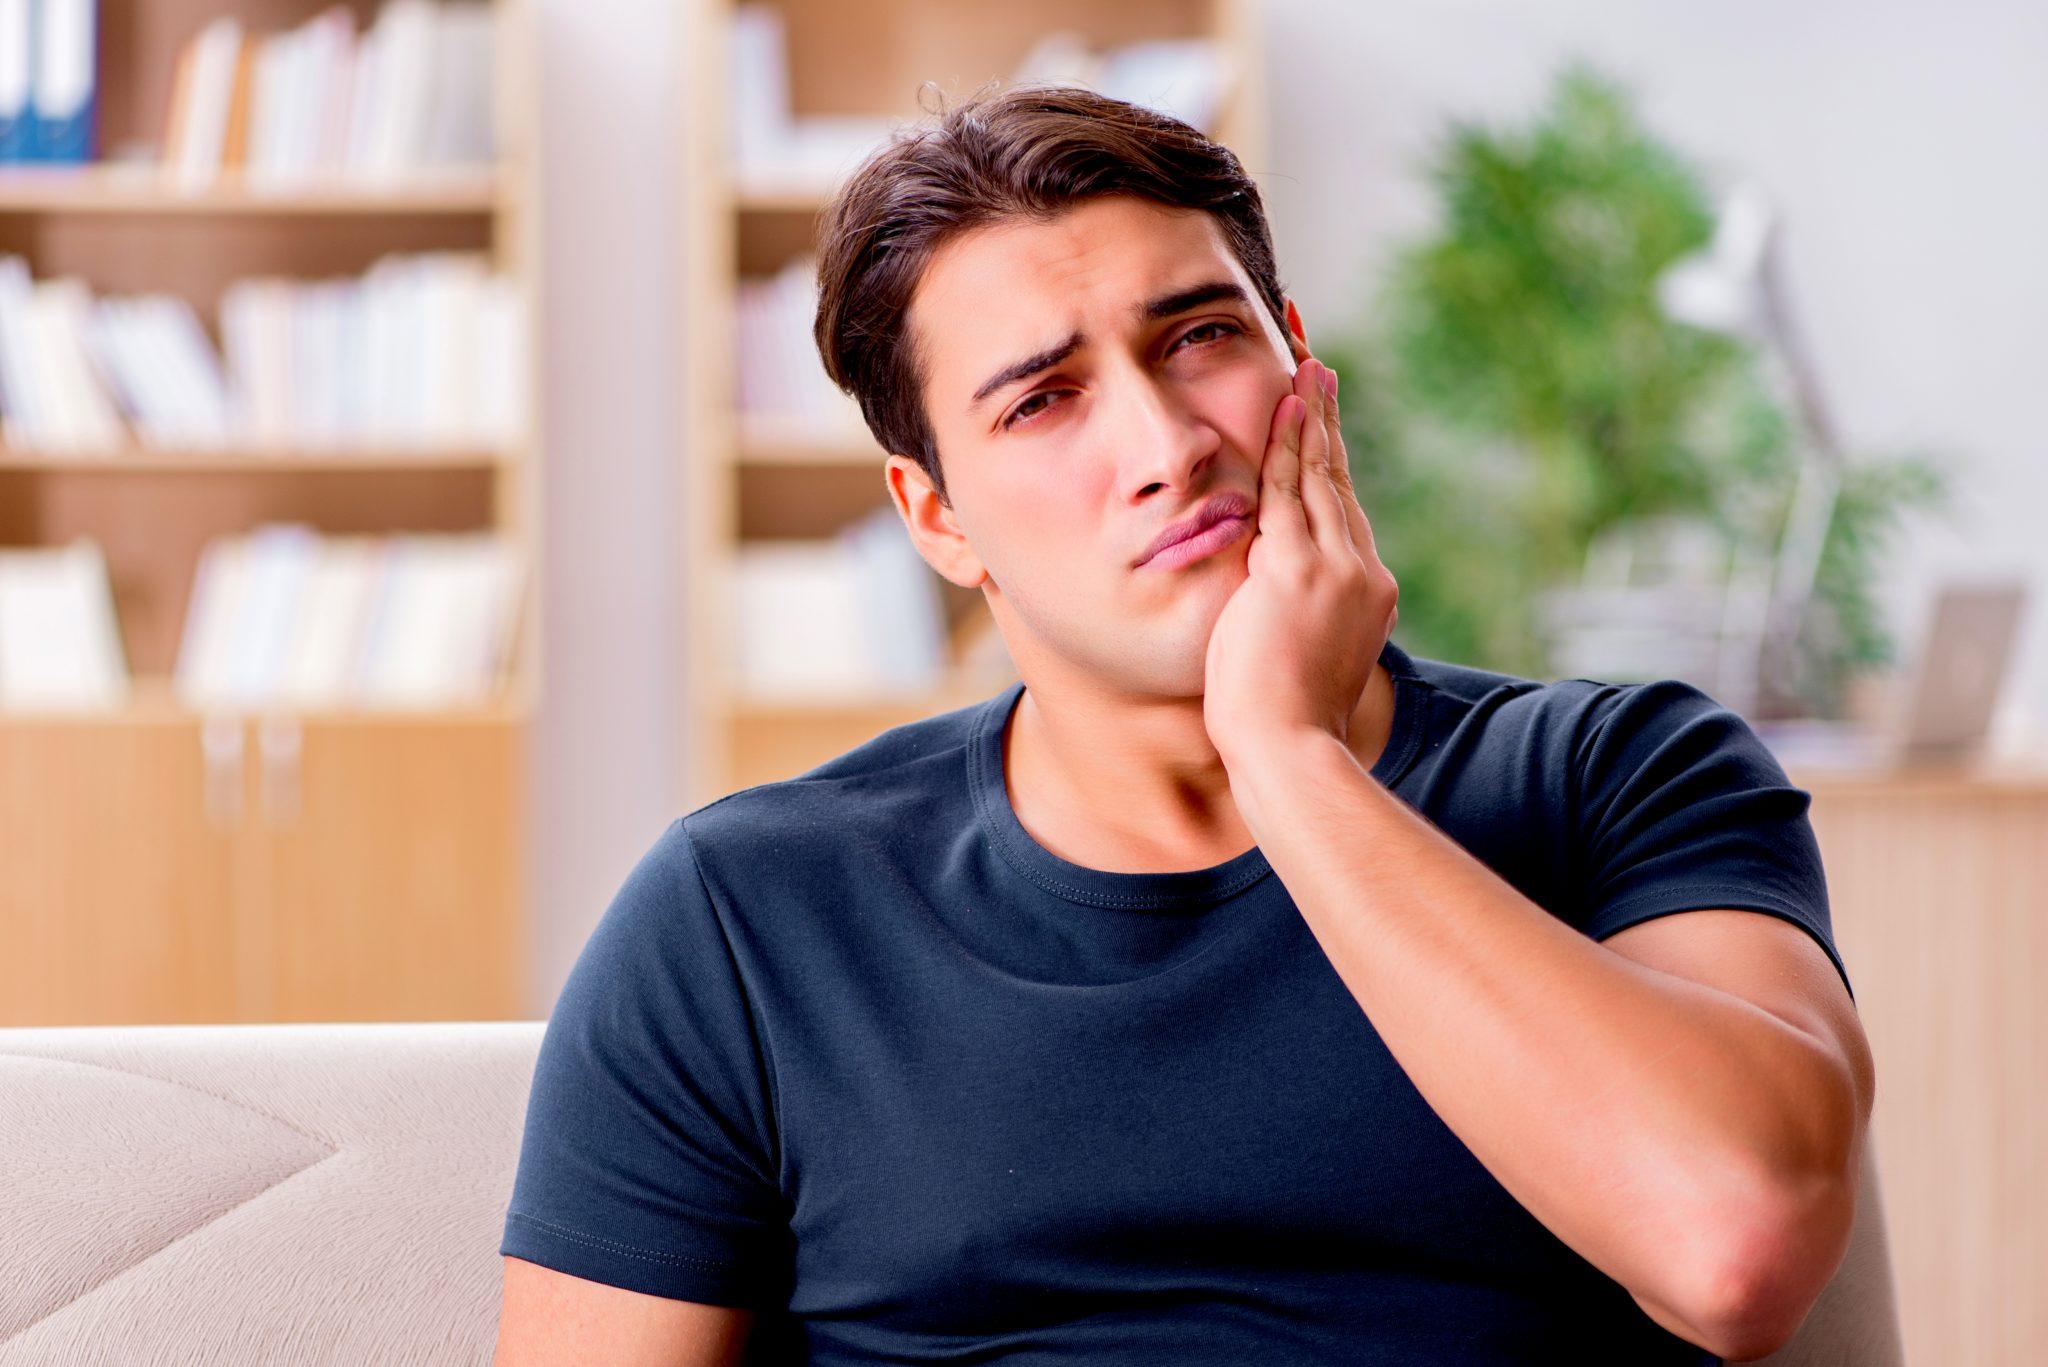 口腔内に違和感を感じている男性